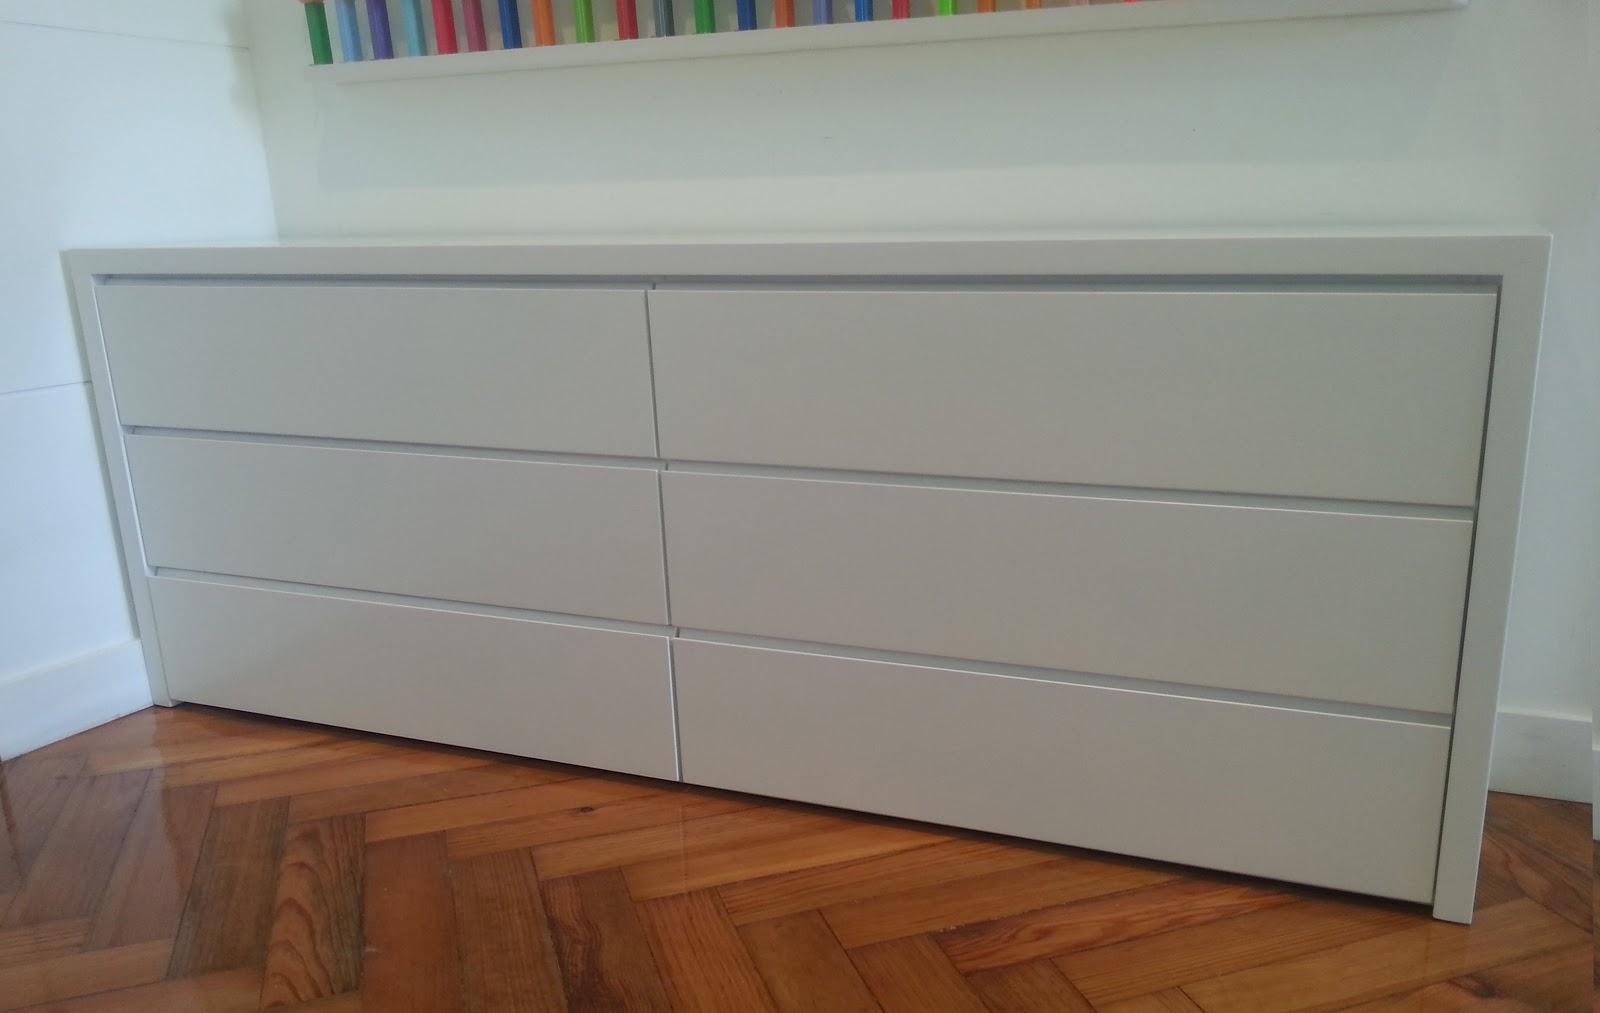 sfc muebles sostenibles y creativos Más mobiliario